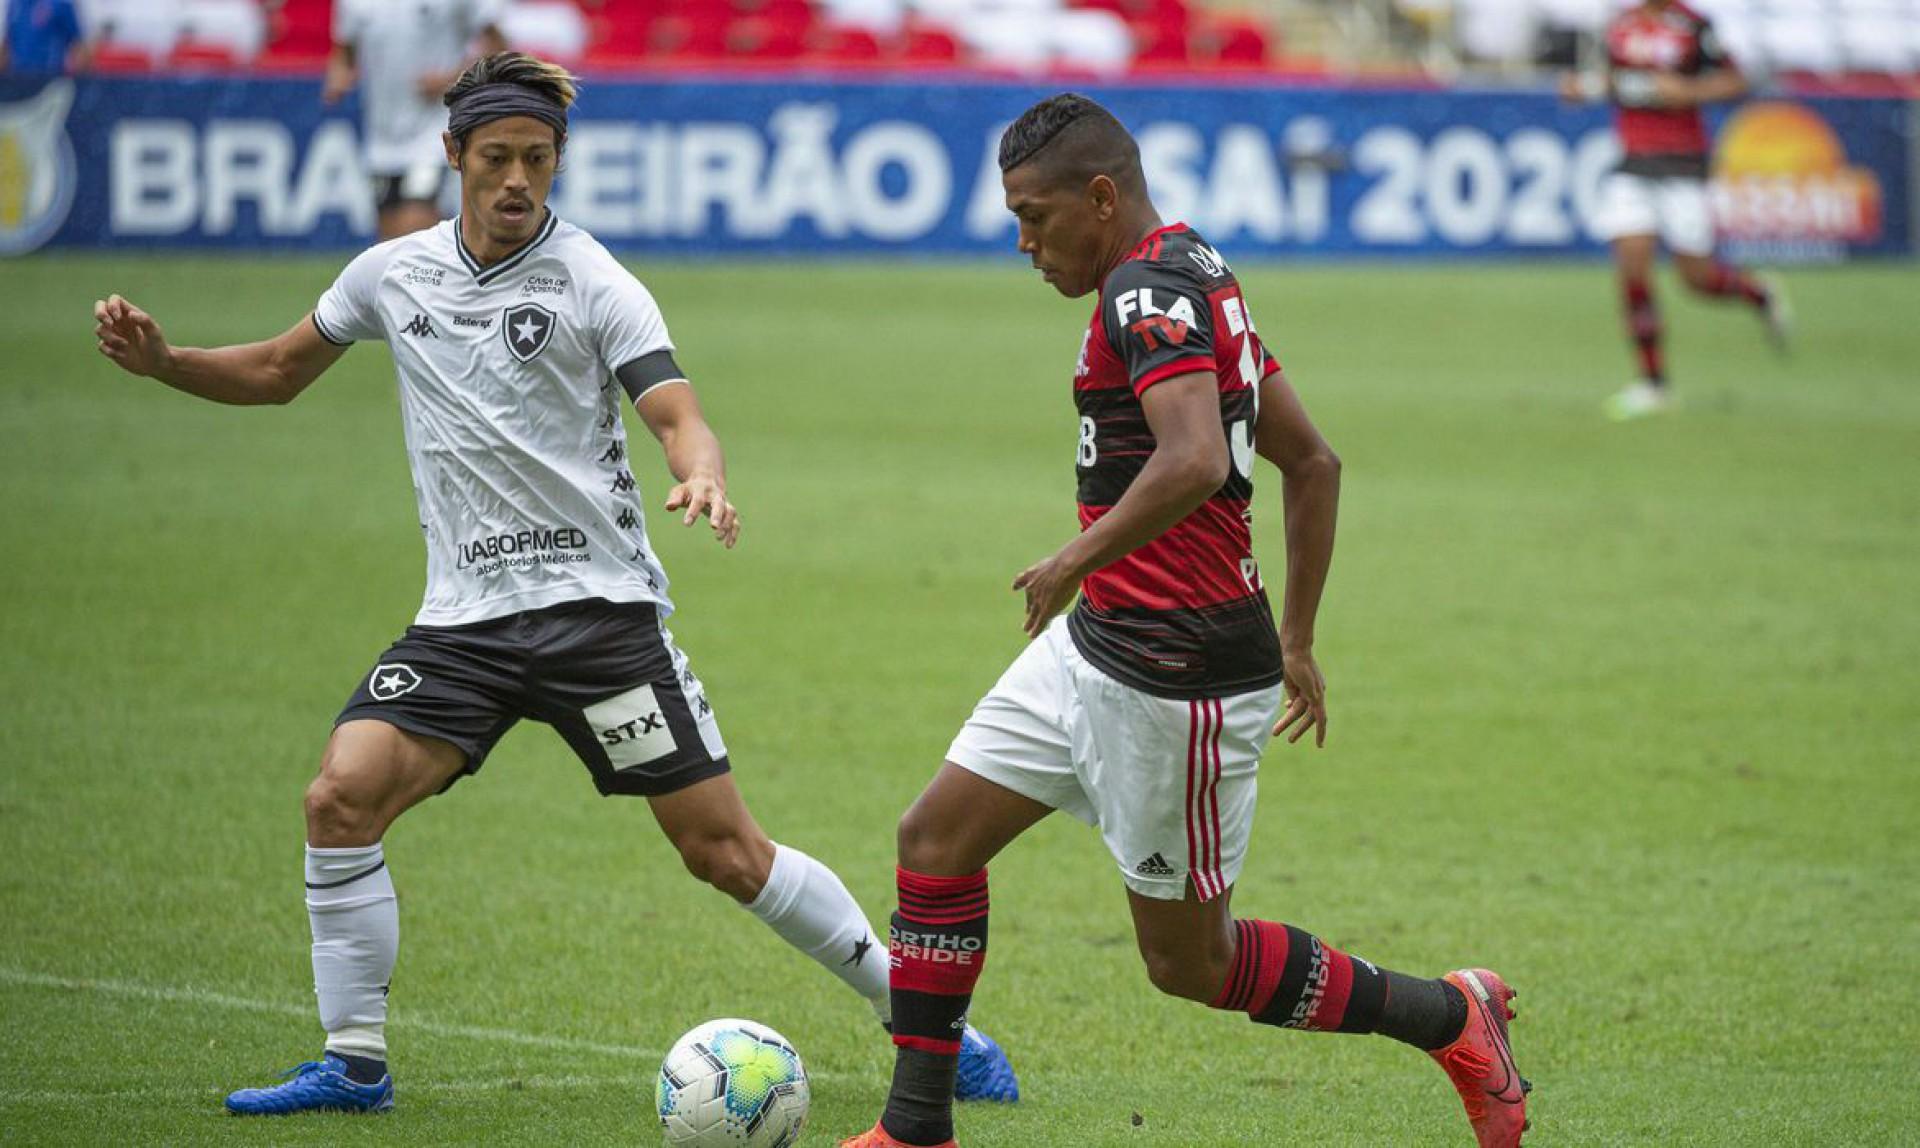 Botafogo X Flamengo Pelo Brasileirao 2020 Onde Assistir Ao Vivo A Transmissao Do Jogo De Hoje Futebol Esportes O Povo